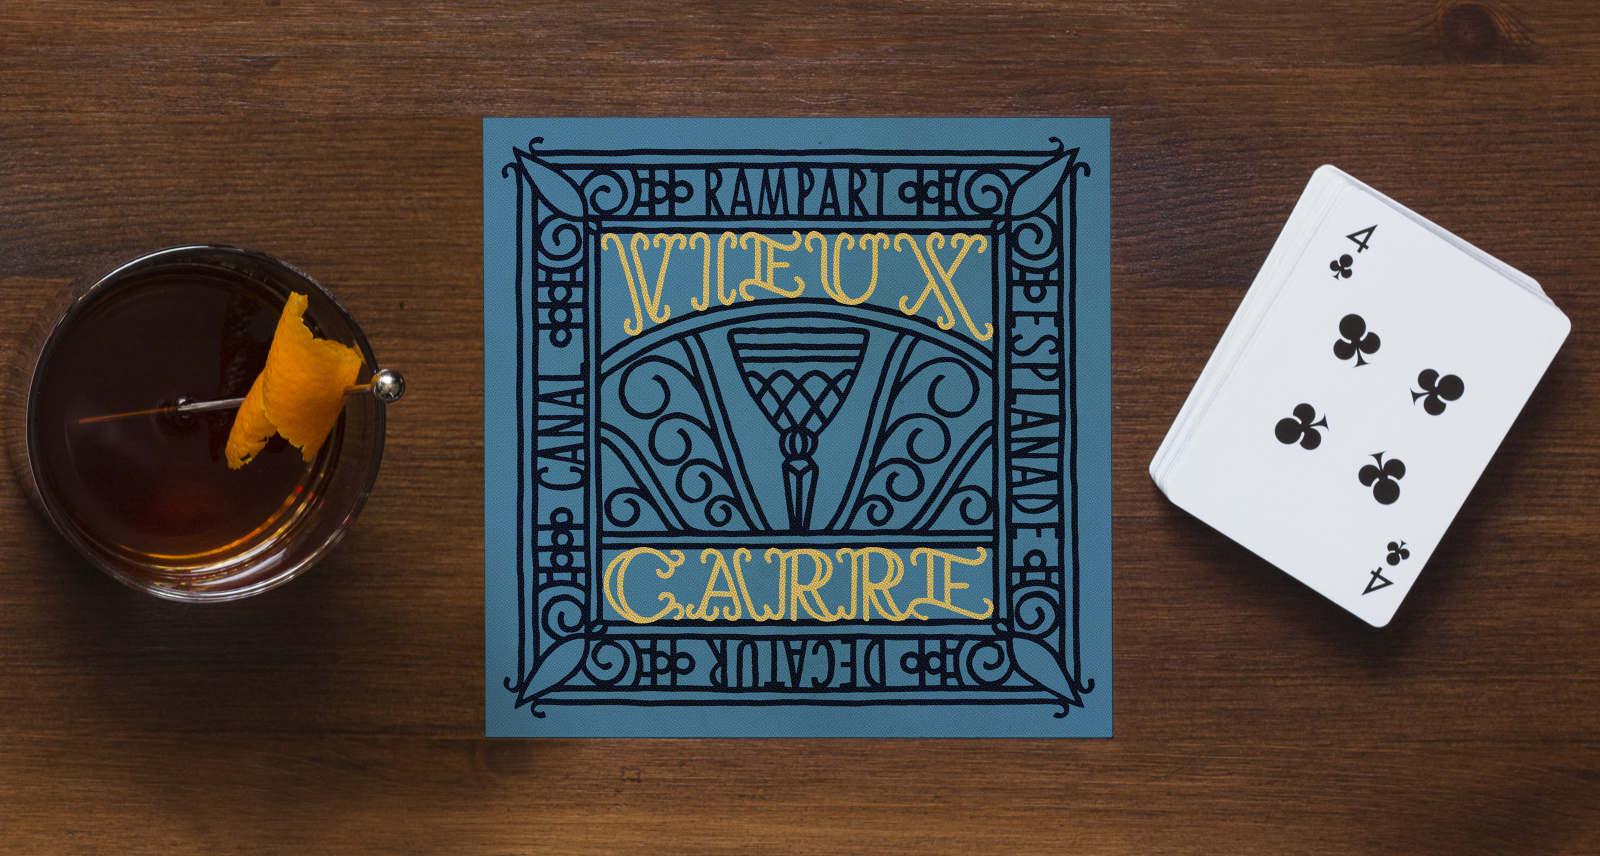 29  THE VIEUX CARRÉ: 1938 - Letters and Liquor